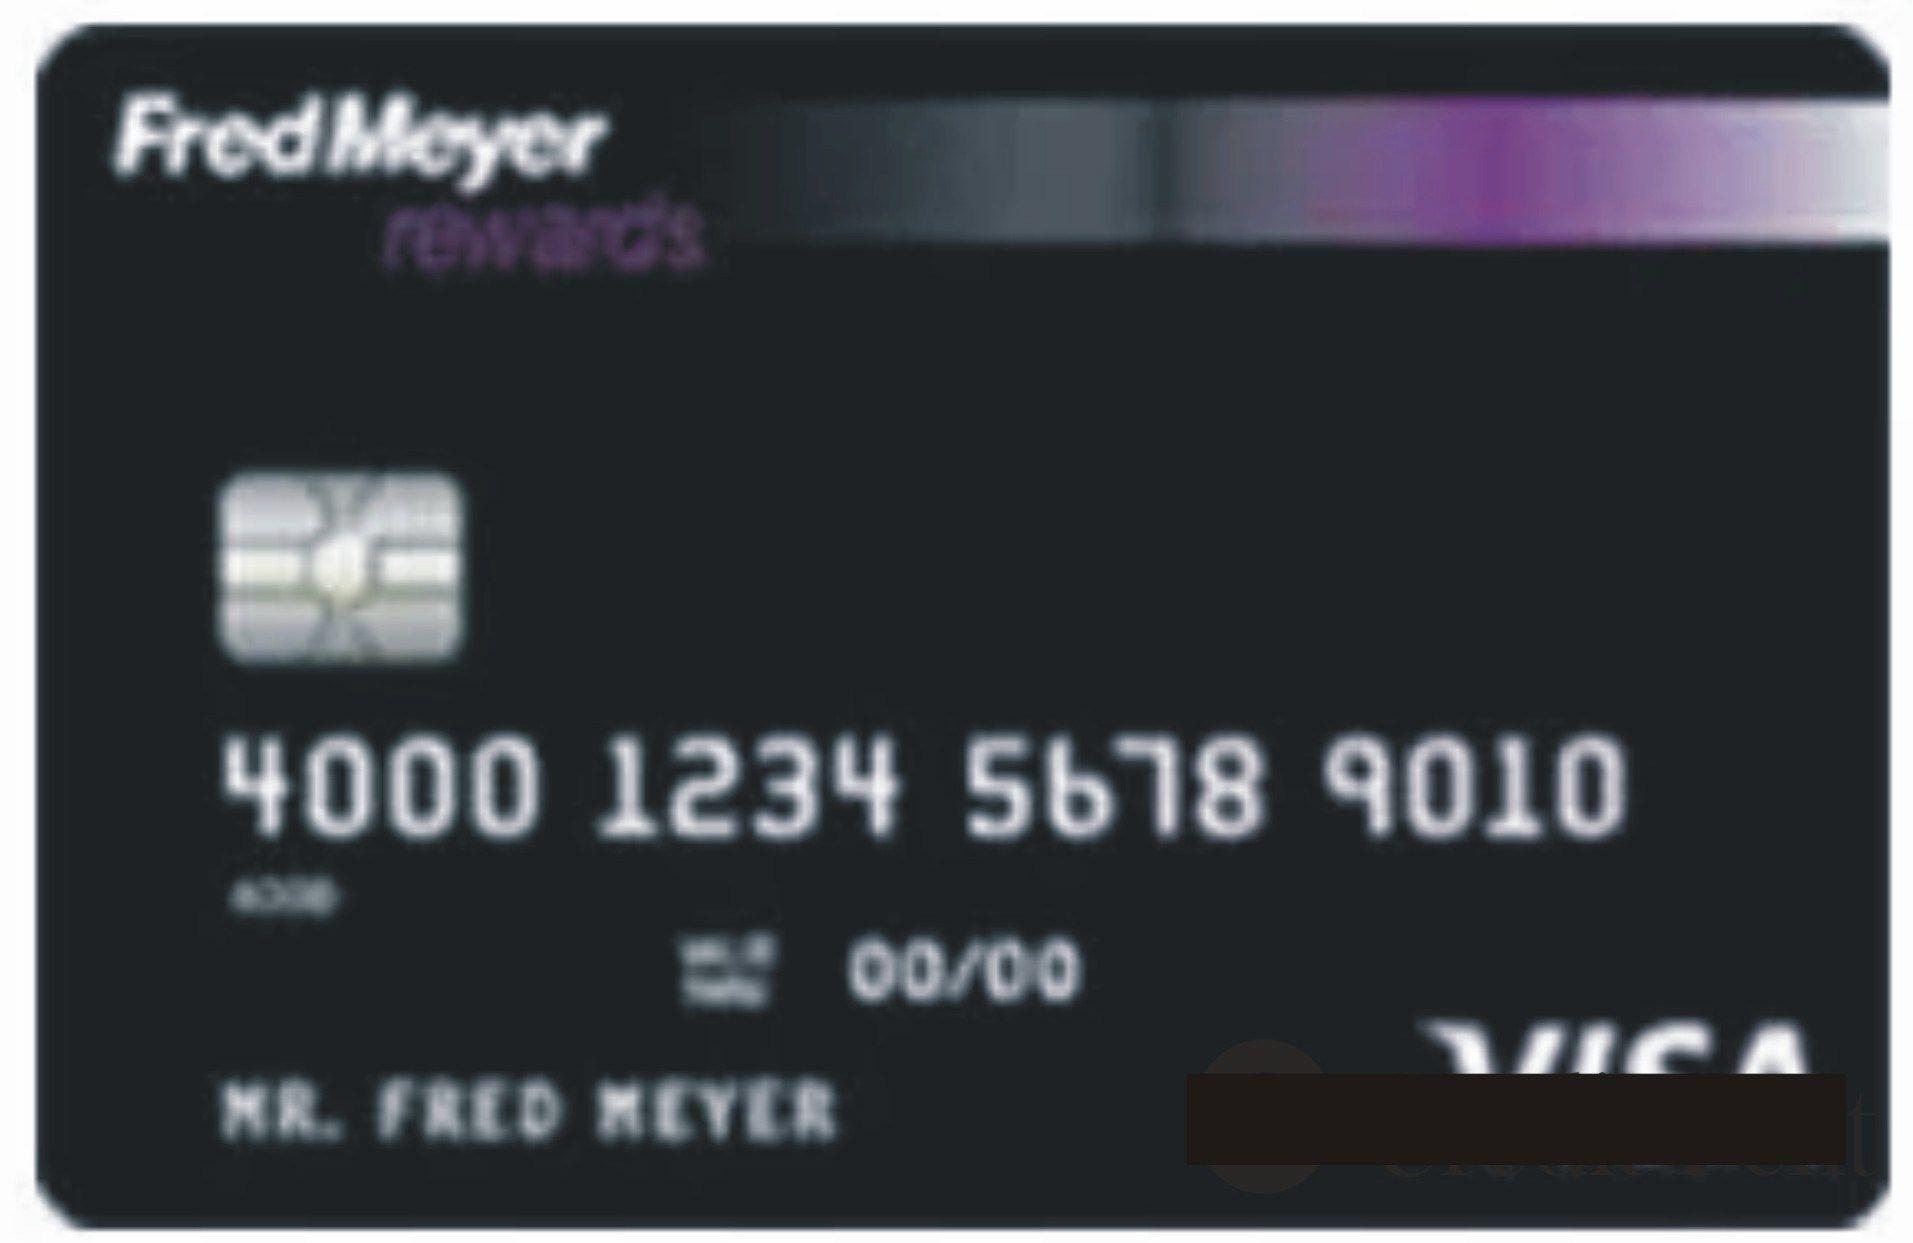 Fredmeyerrewardsmastercardloginusbanklogin